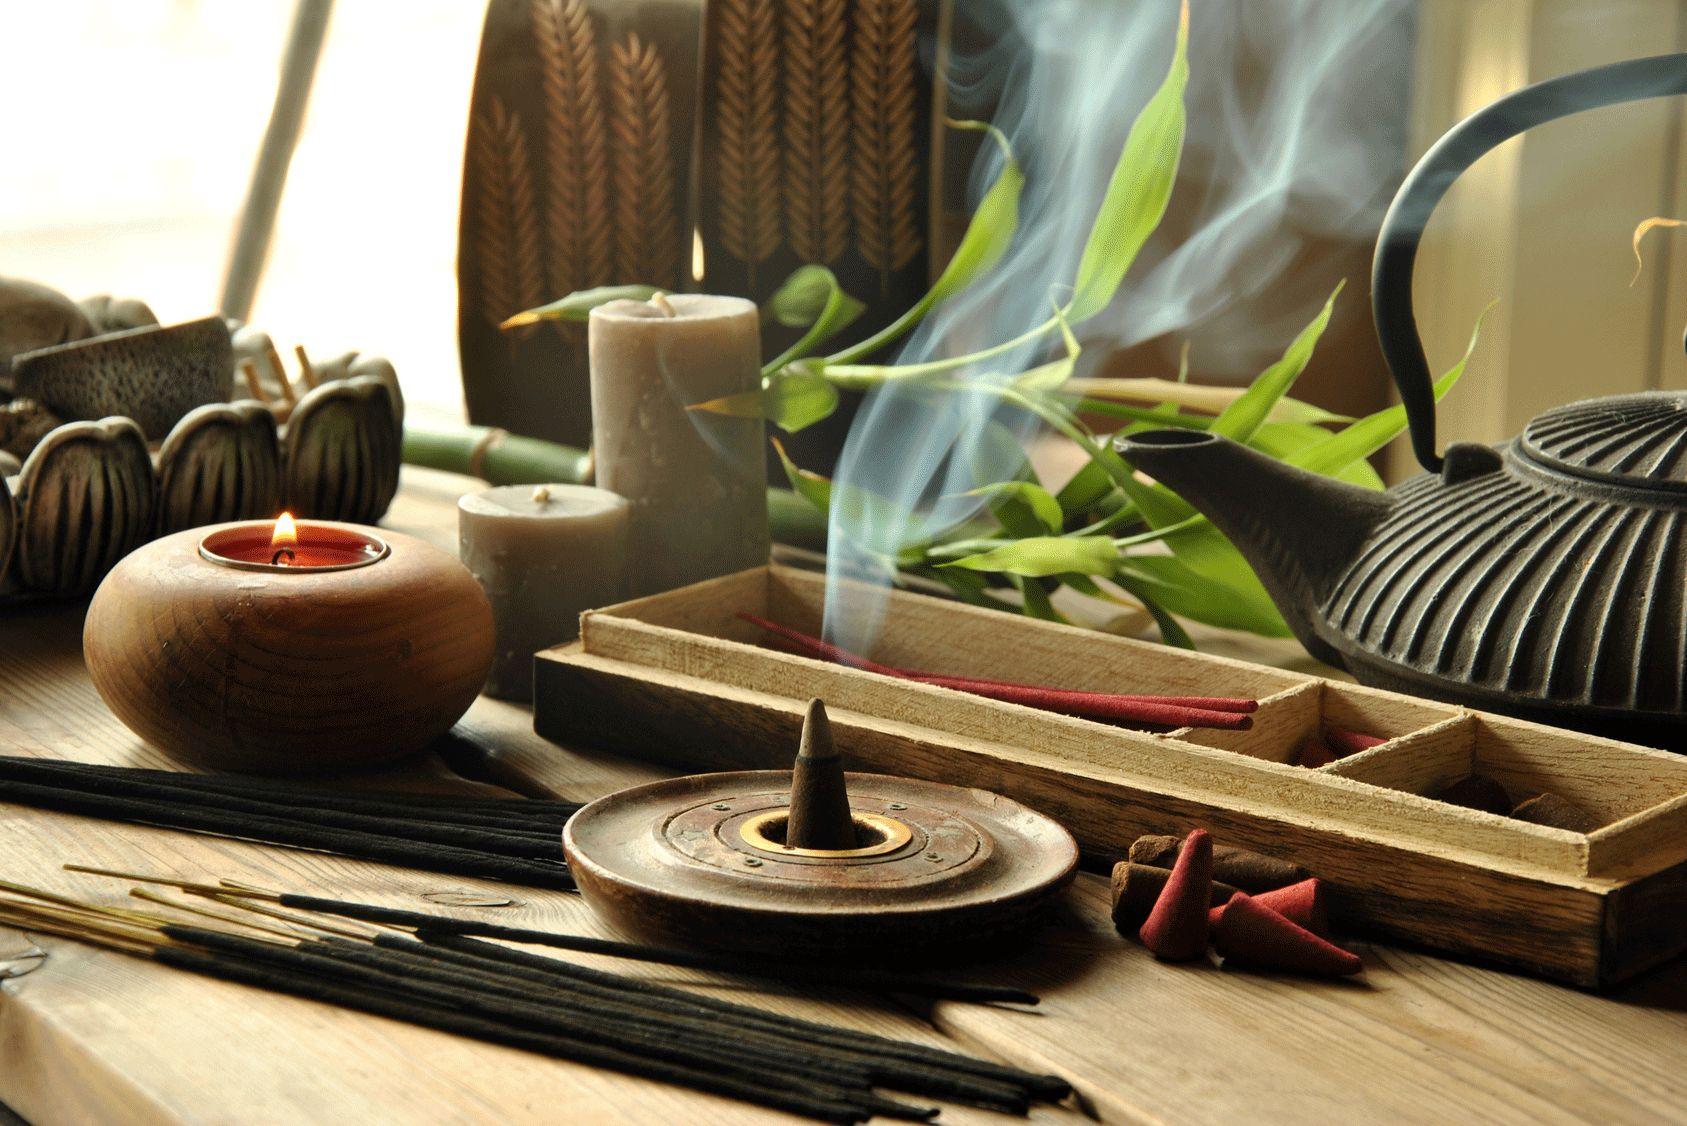 Les bougies parfumées et l'encens peuvent être nocifs